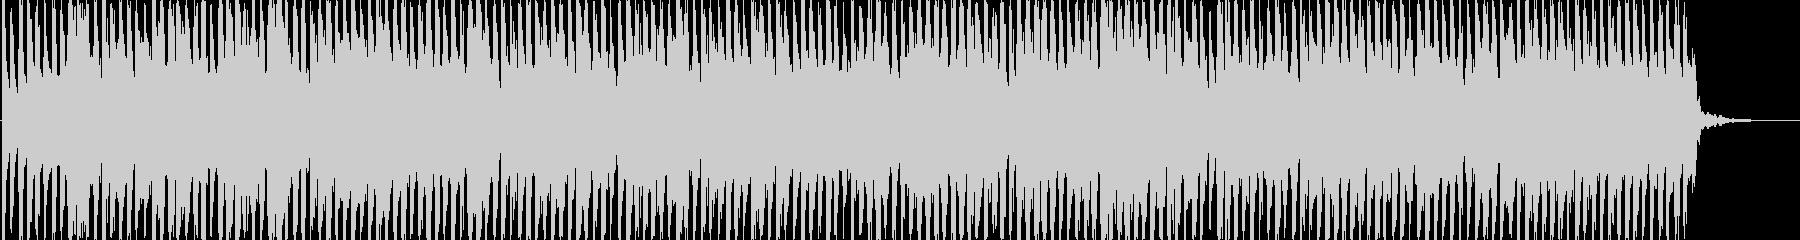 ファミコンゲーム風BGMの未再生の波形